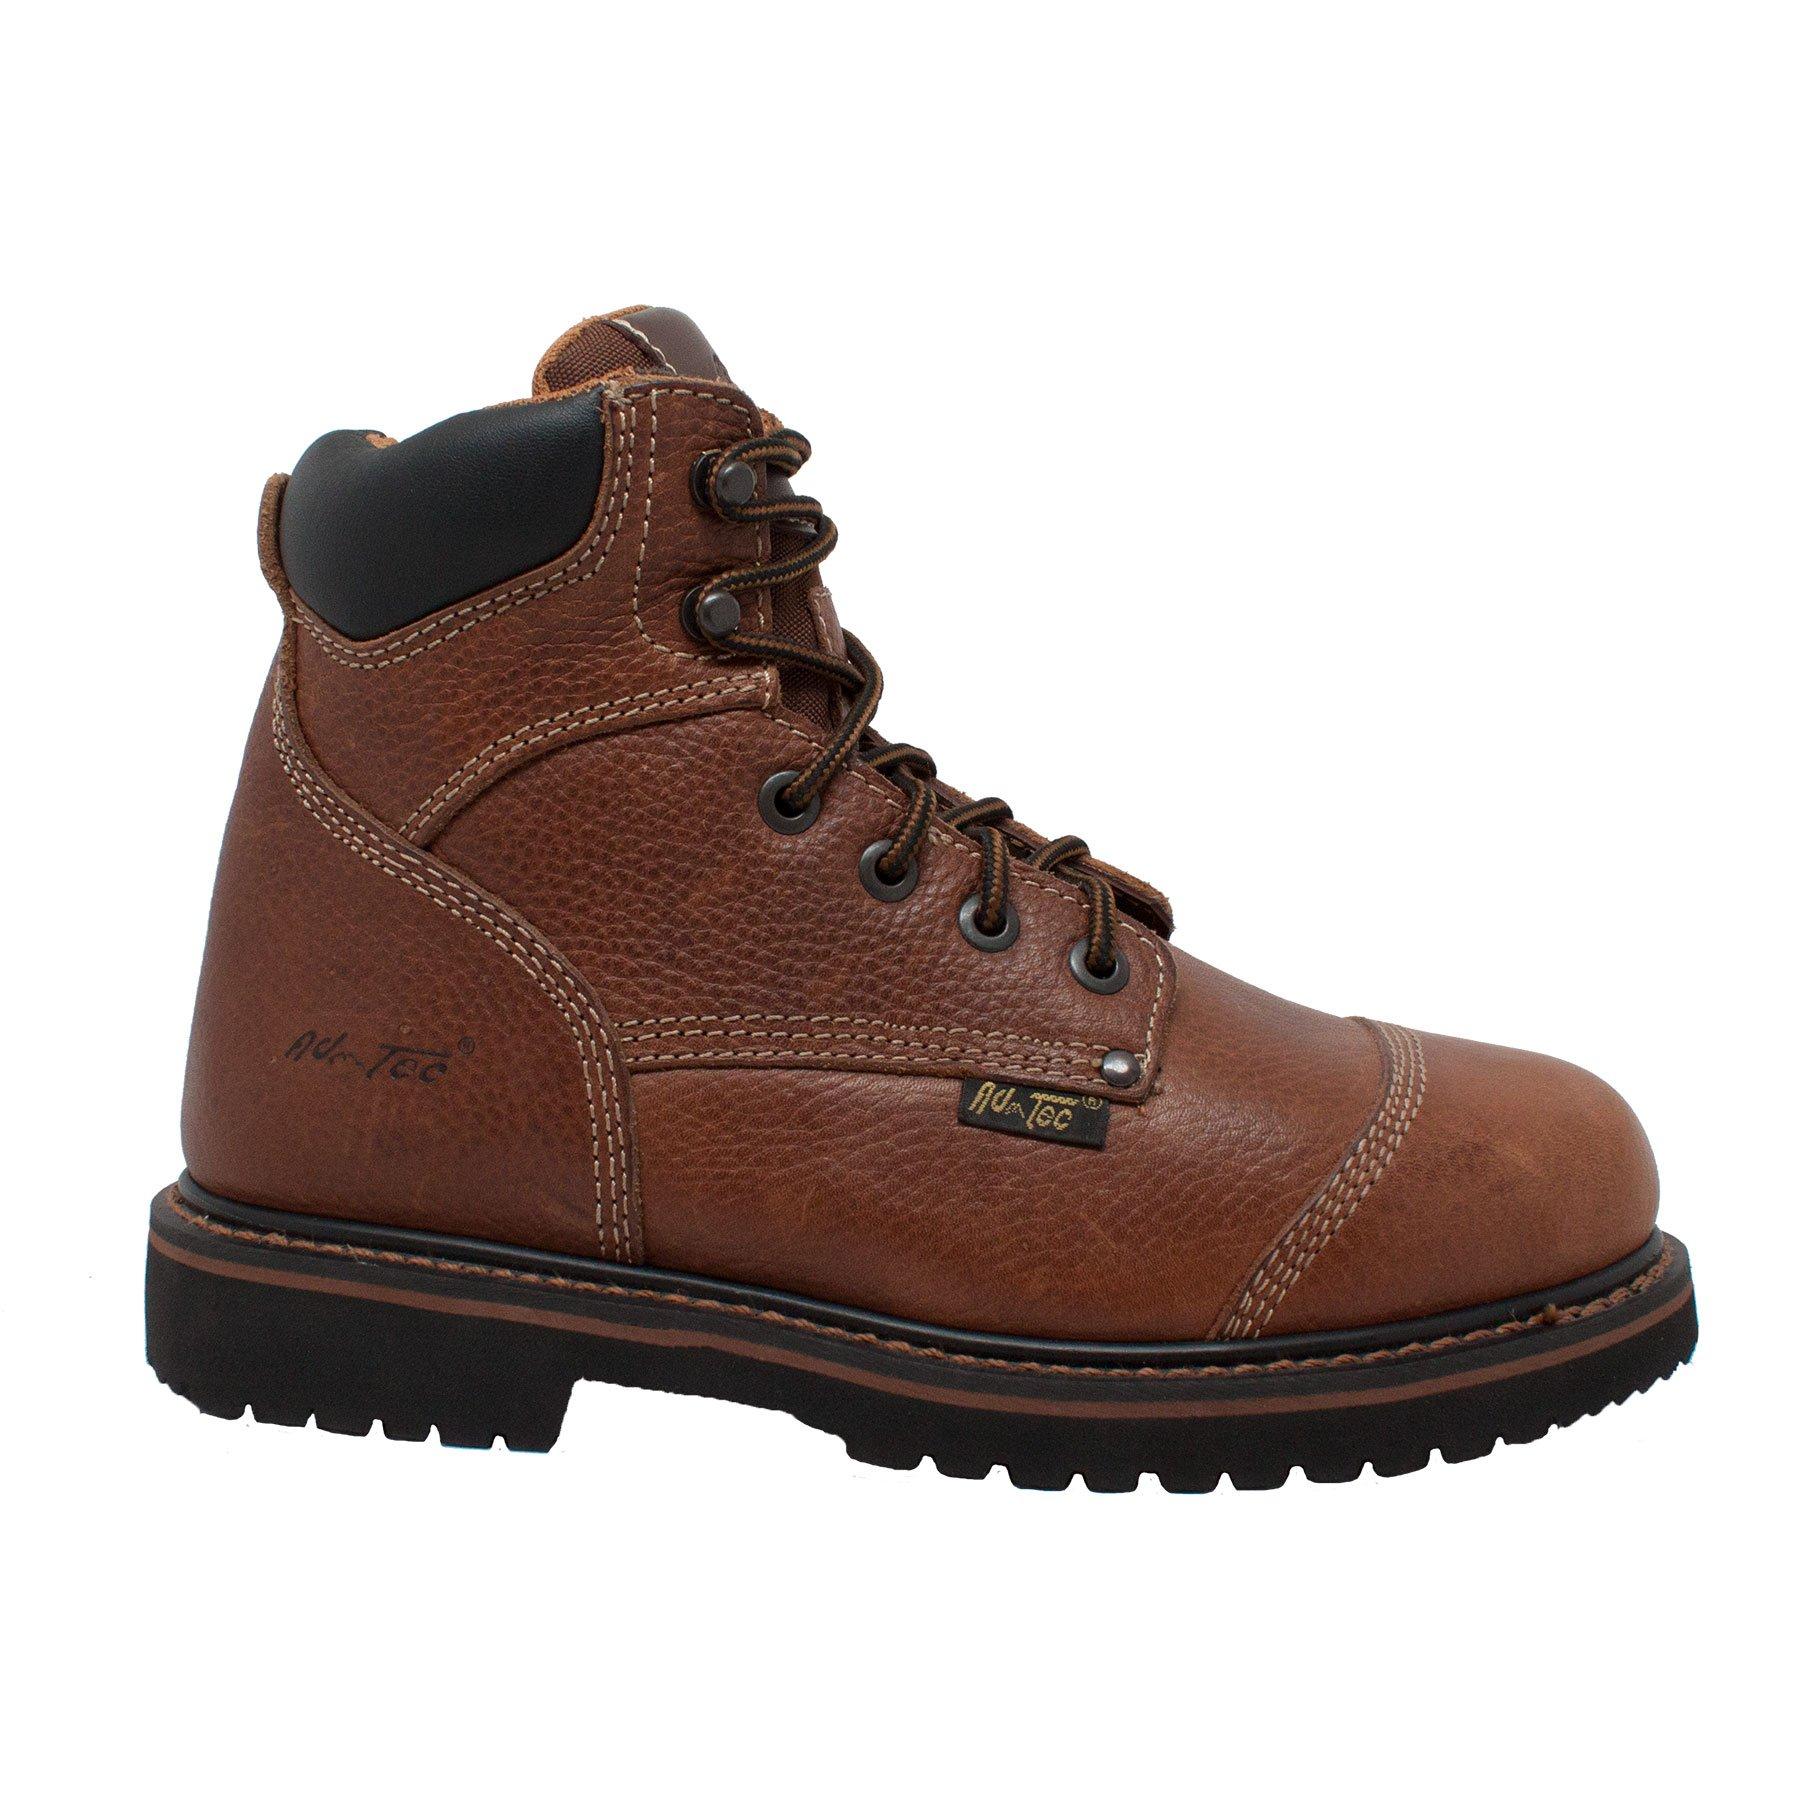 Adtec Men's 6 inch Comfort Work Boot, Light Brown, 8.5 W US by Adtec (Image #5)